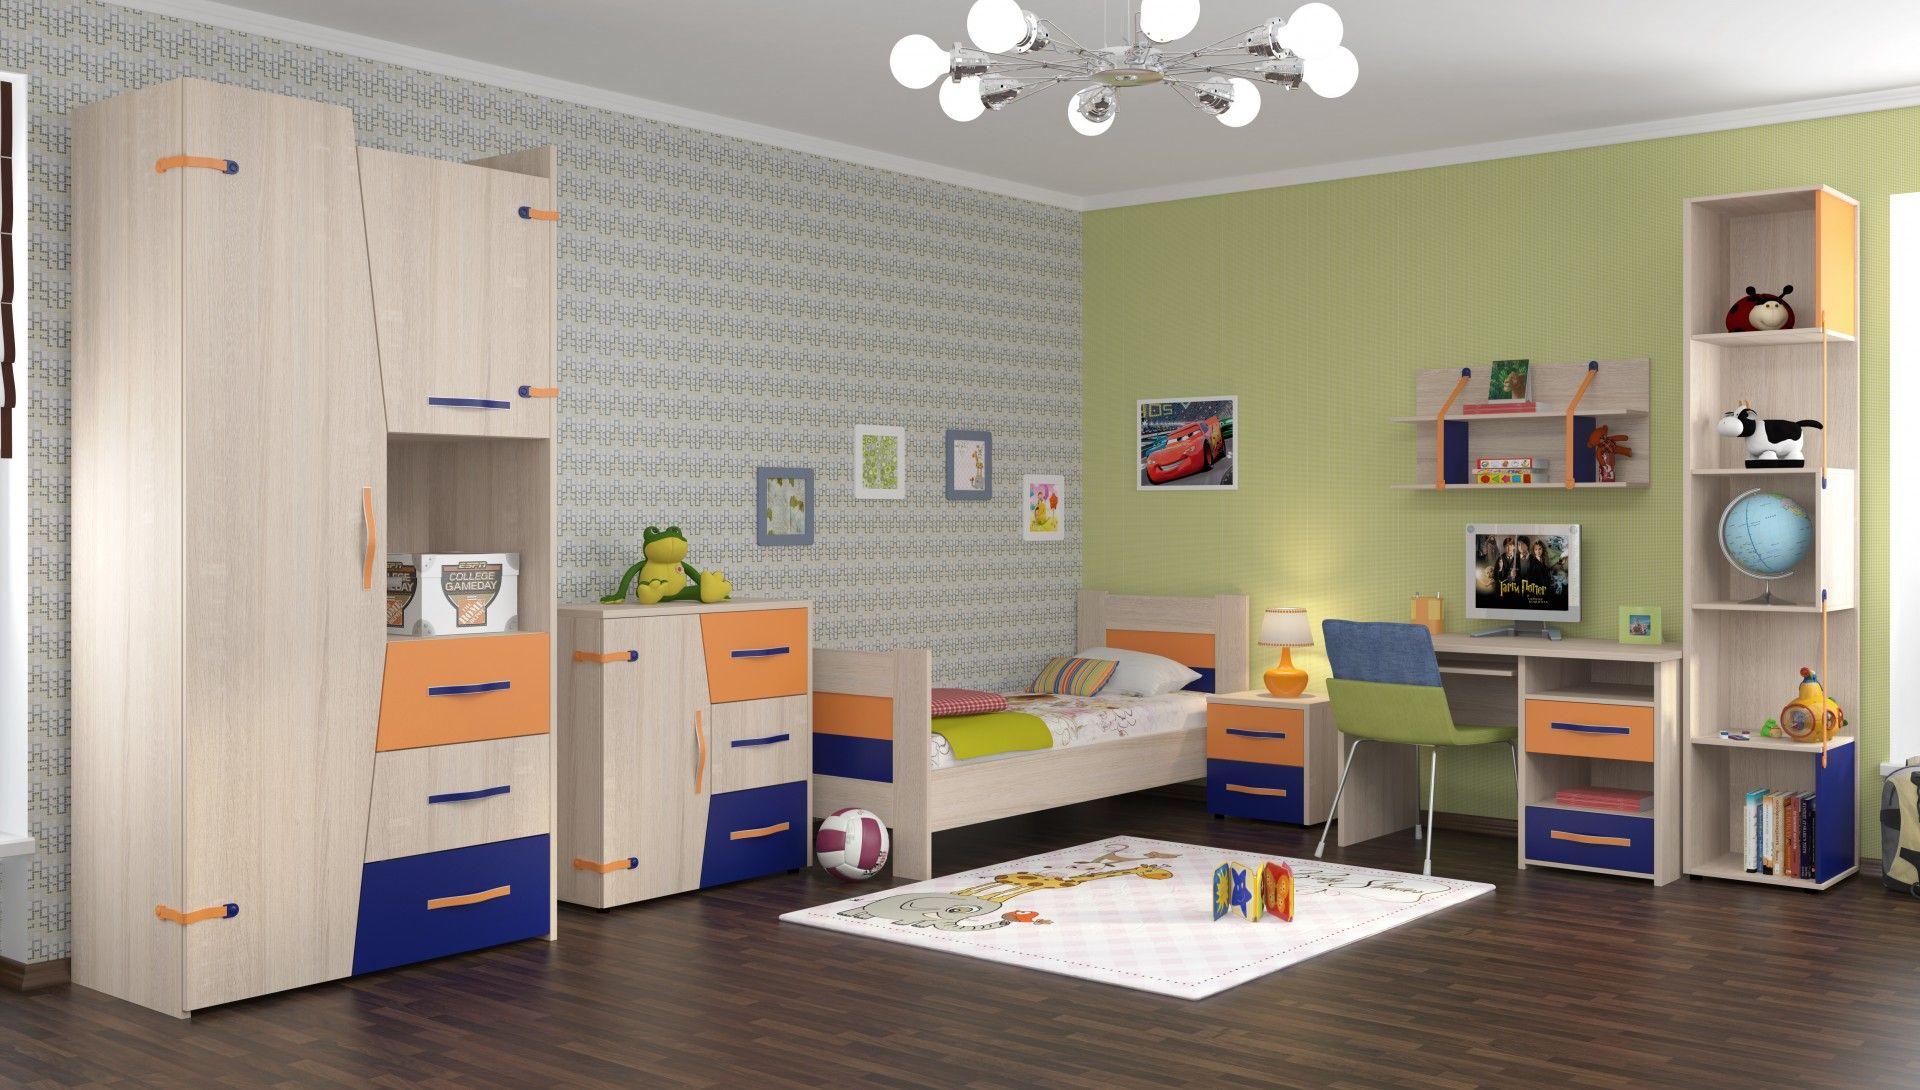 Кровать для мальчика подростка фото